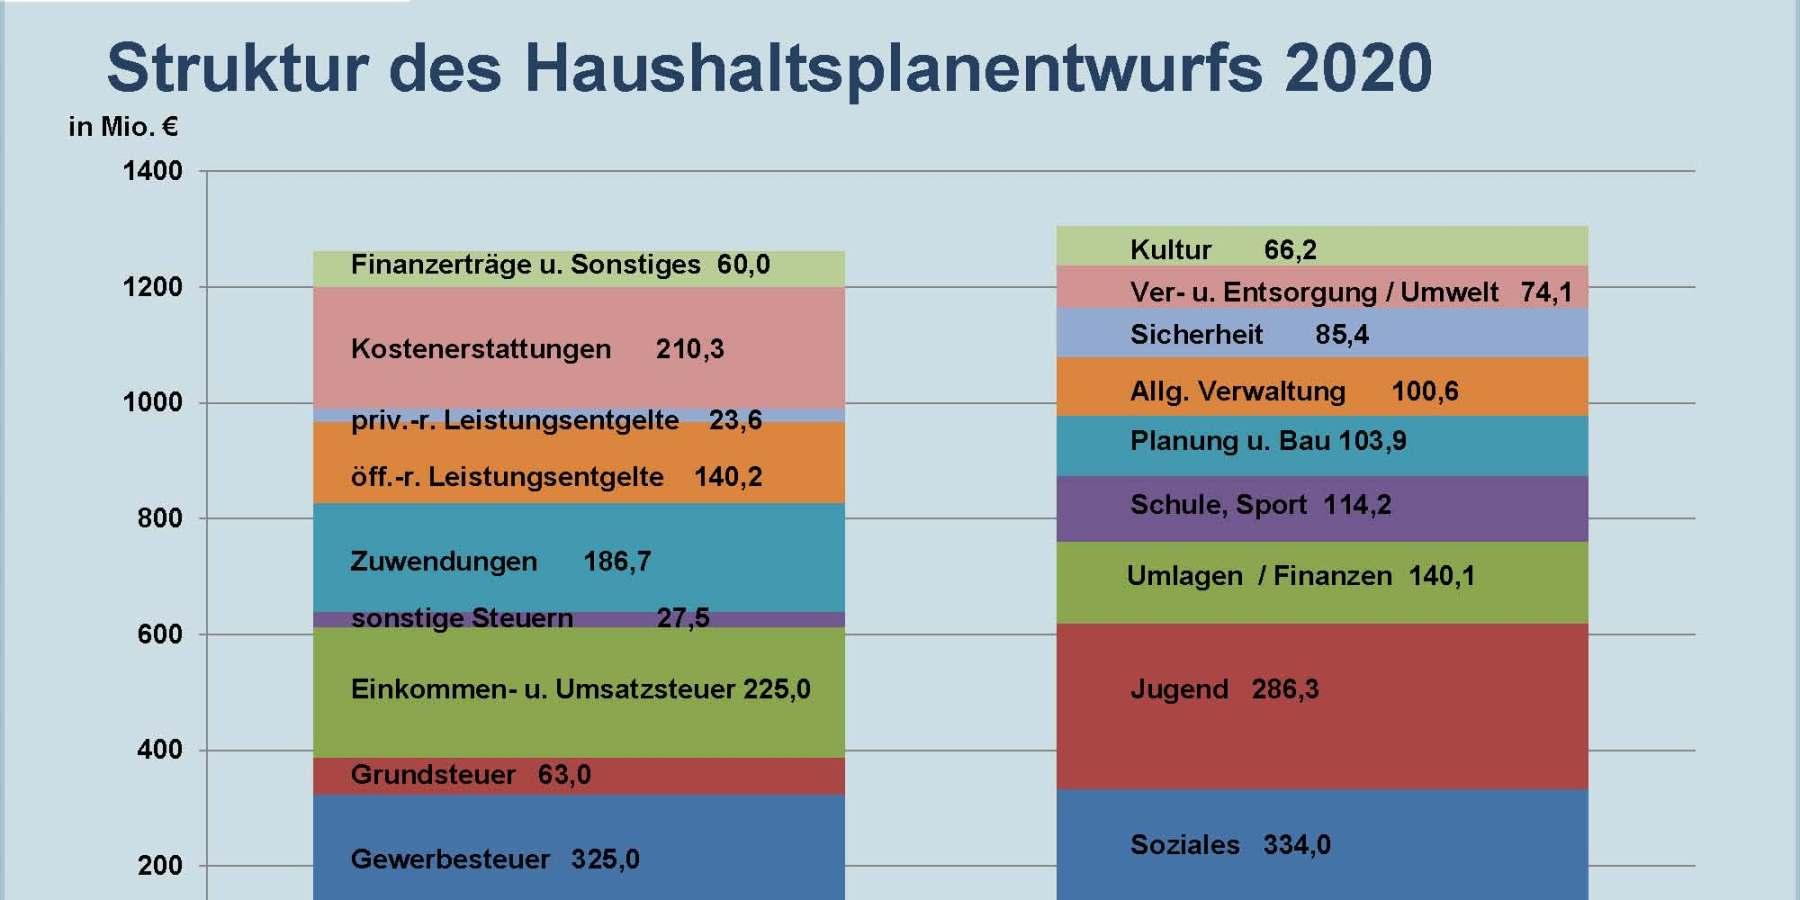 Münsters Haushalt für das Jahr 2020 wird Wachstumsanforderungen der Stadt gerecht